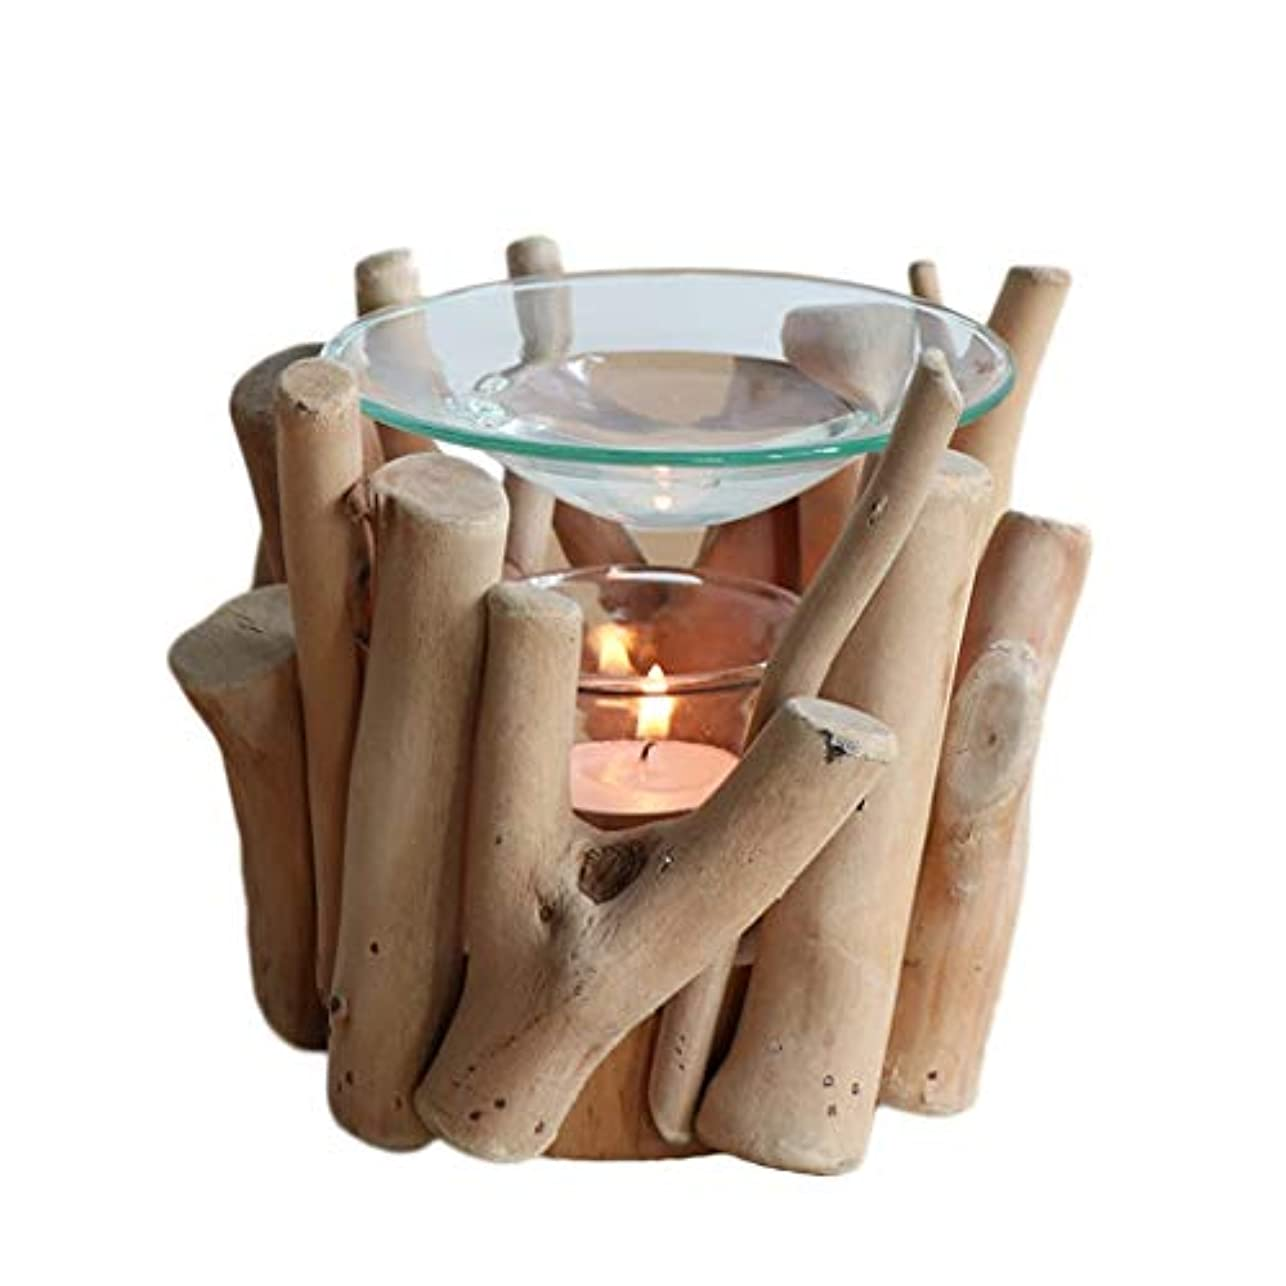 気を散らす金属慎重に家庭用木材香ホルダーエッセンシャルオイルアロマ燭台香バーナー寝室アロマセラピー炉香バーナーホルダー (Color : A)